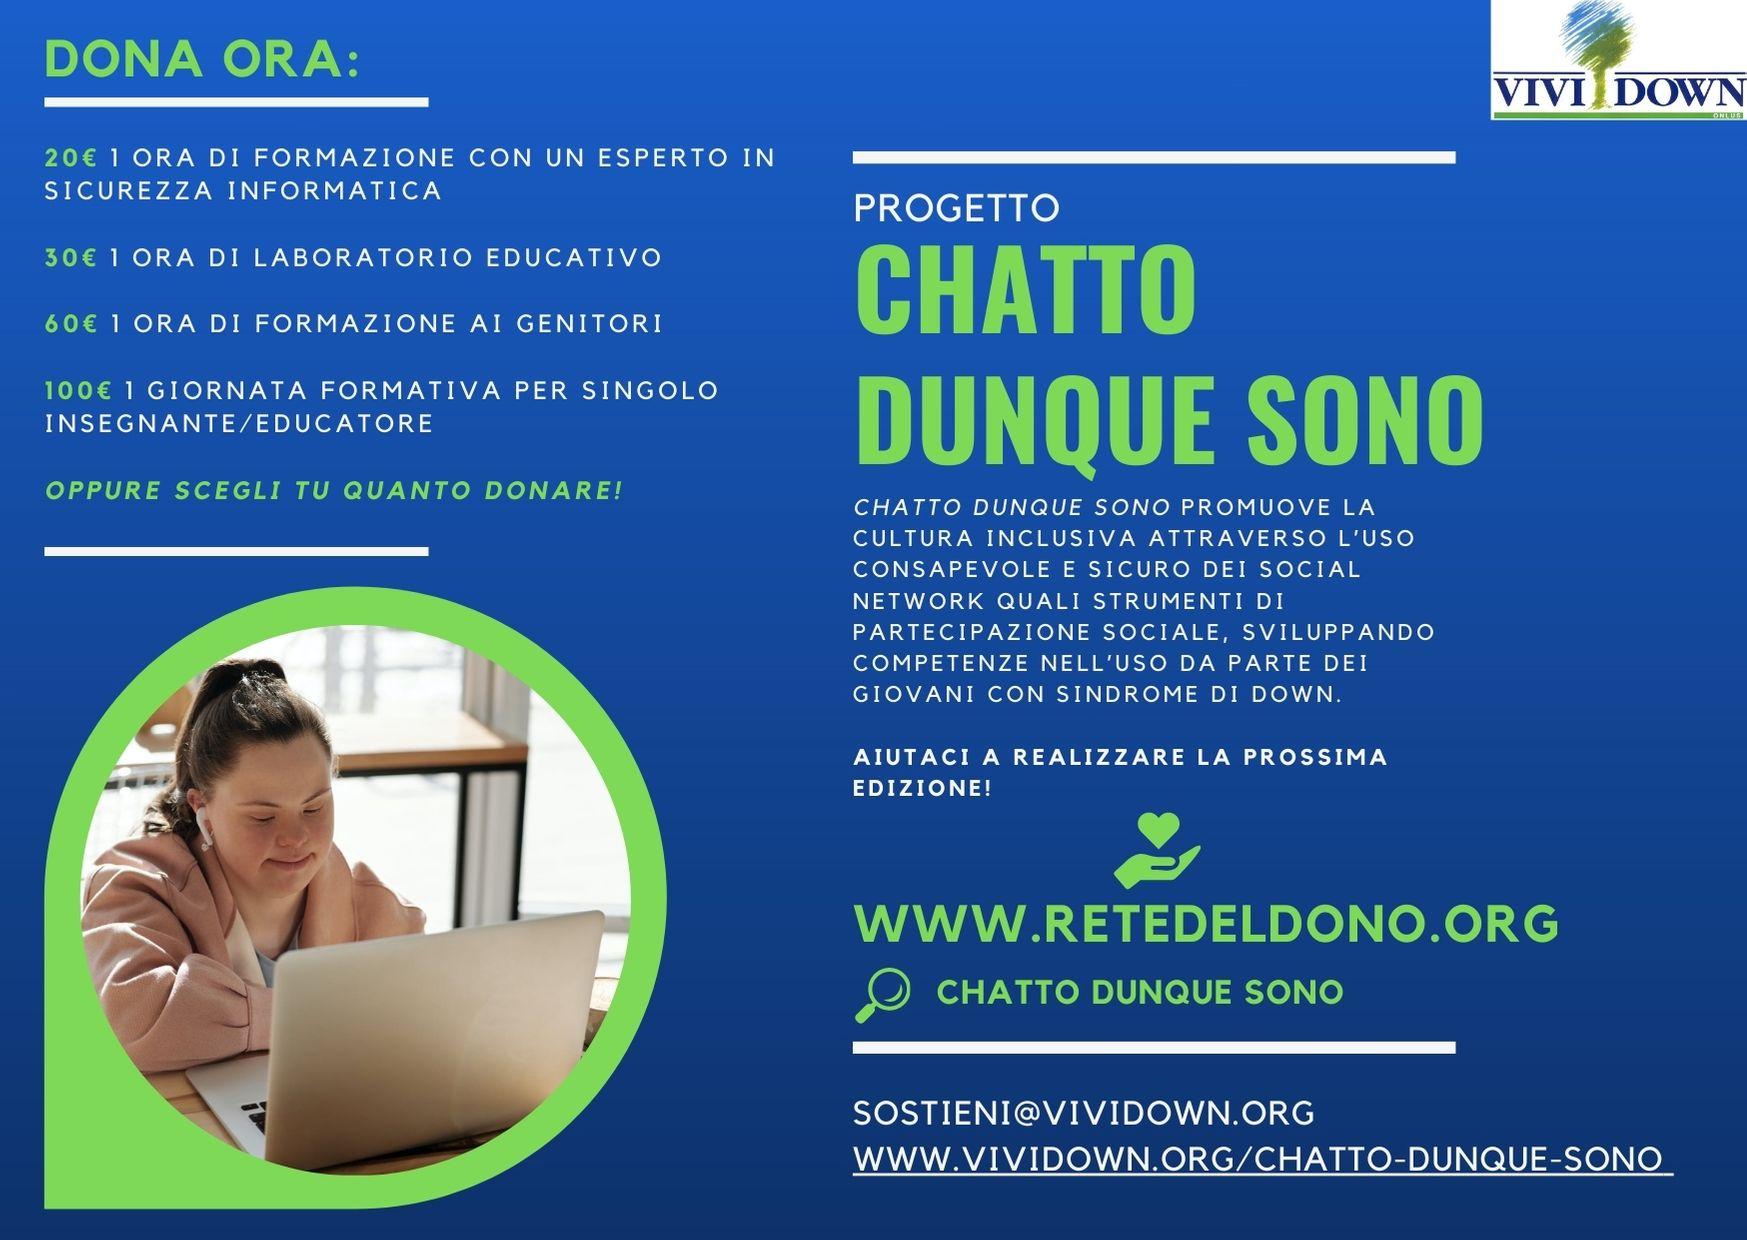 VD_Chatto_retedeldono